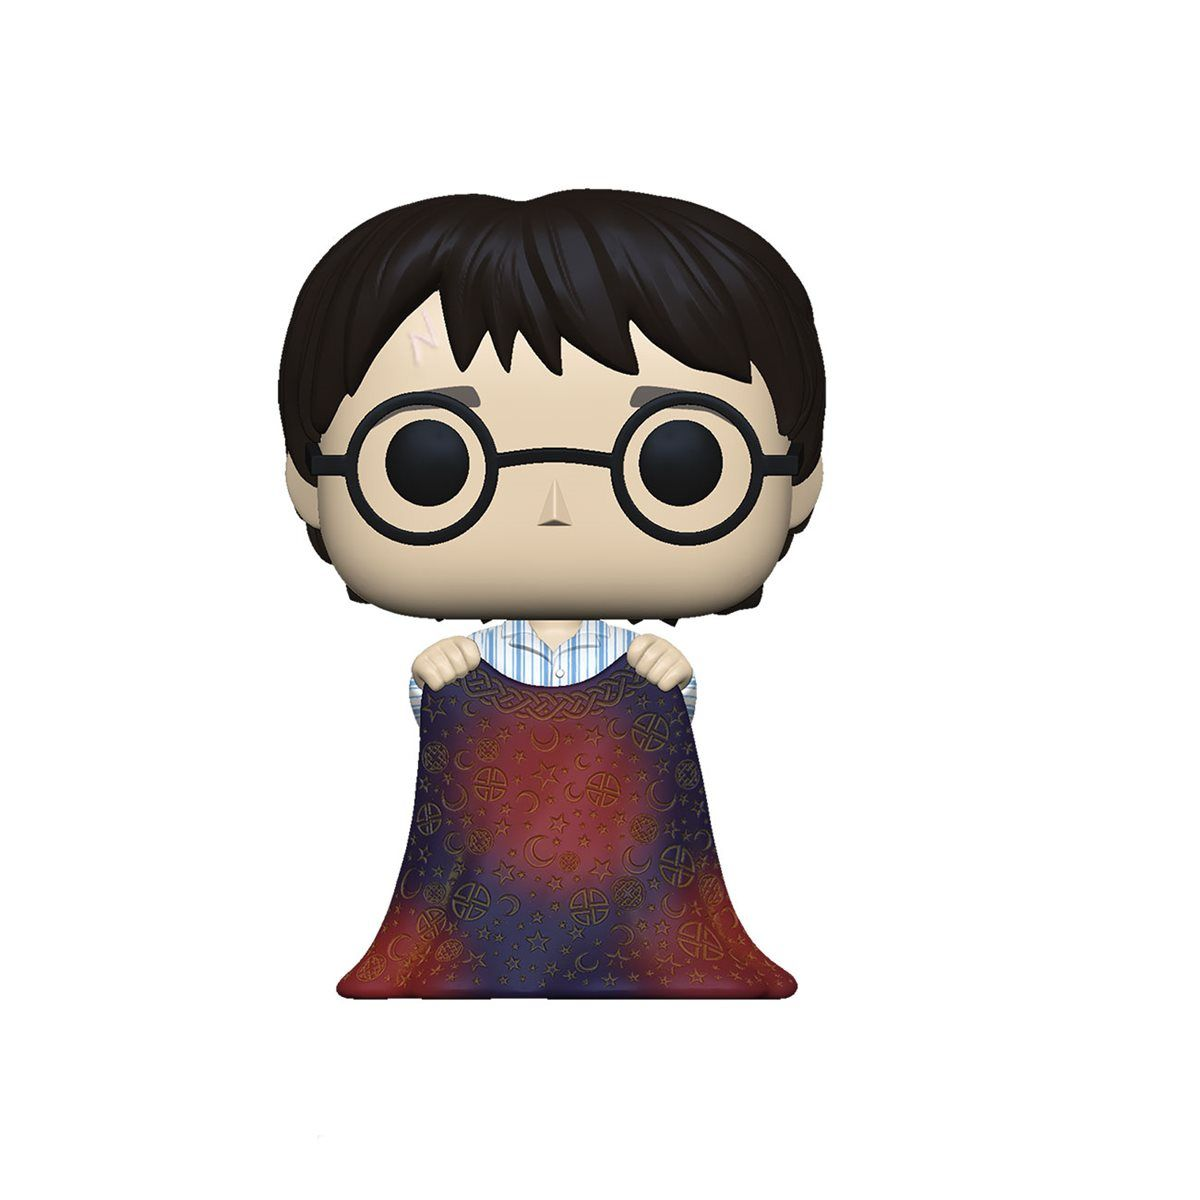 Funko Pop! Harry Potter com Capa da Invisibilidade (with Invisibility Cloak): Harry Potter #112 - Funko